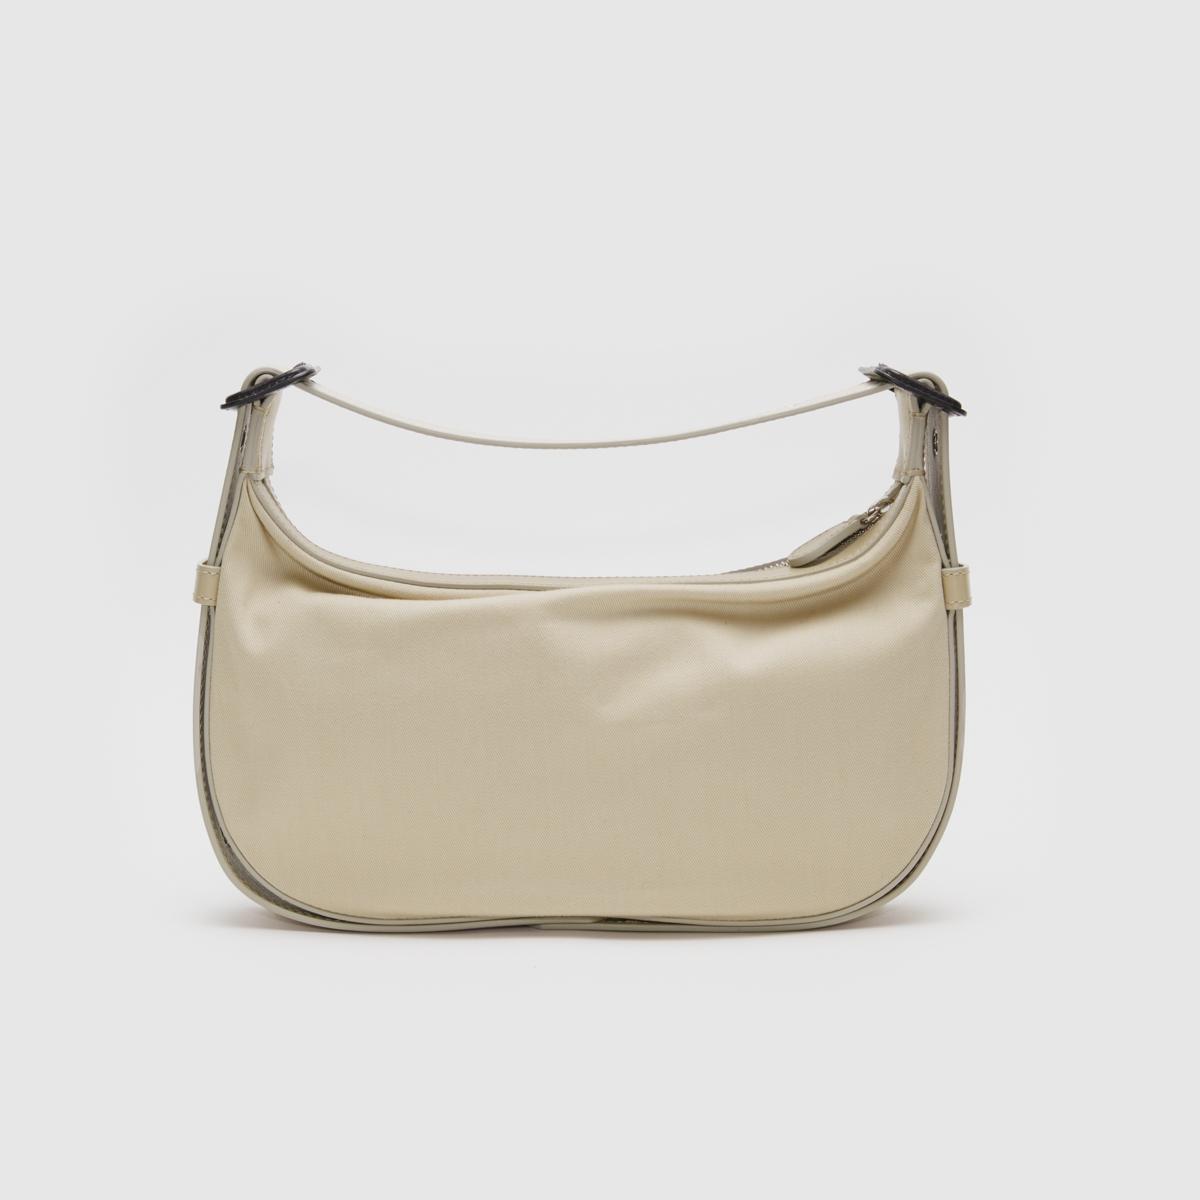 D'heygere Trench Coat Bag